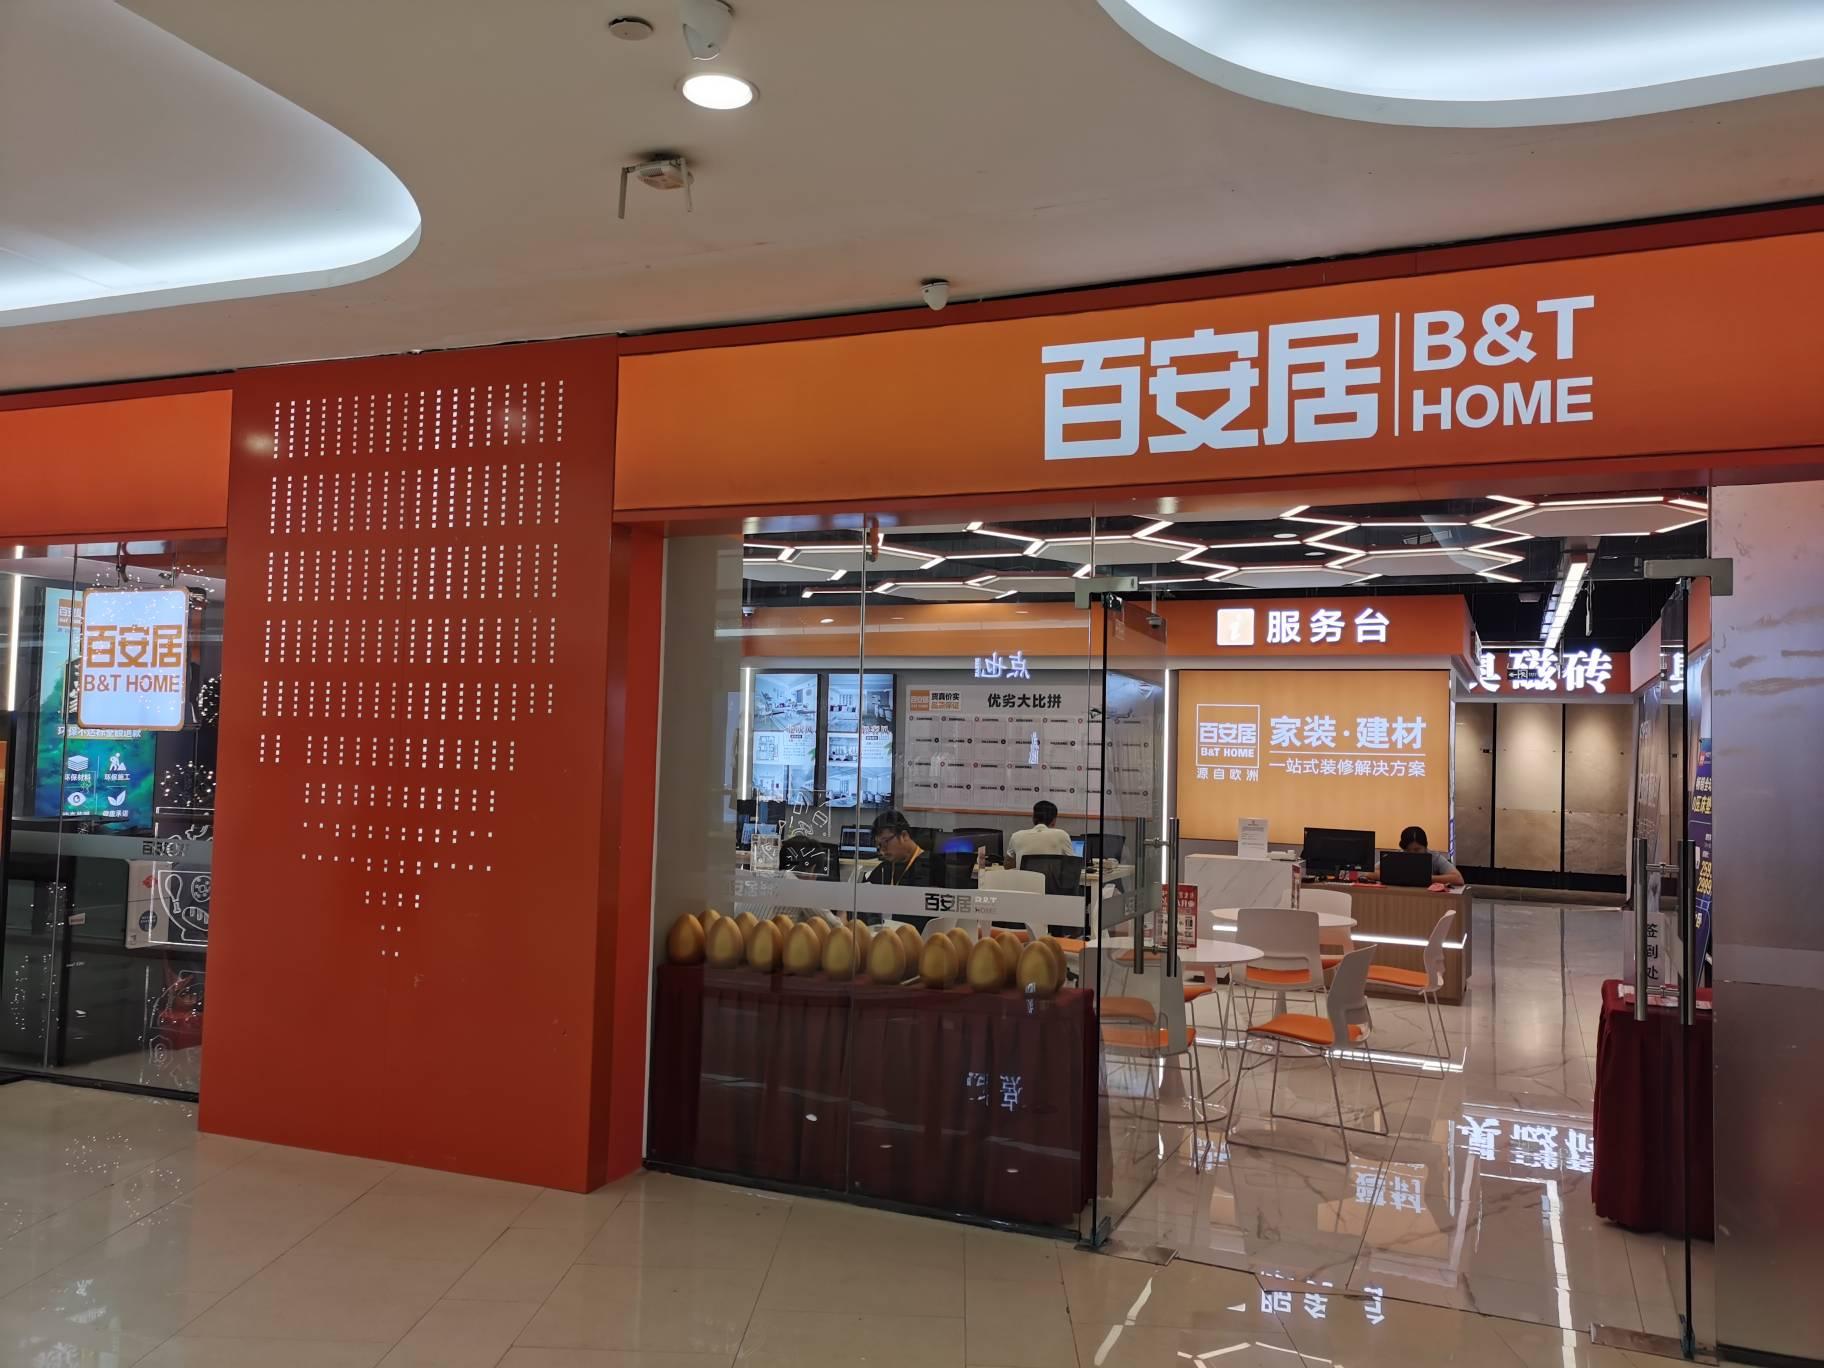 晋江宝龙广场店